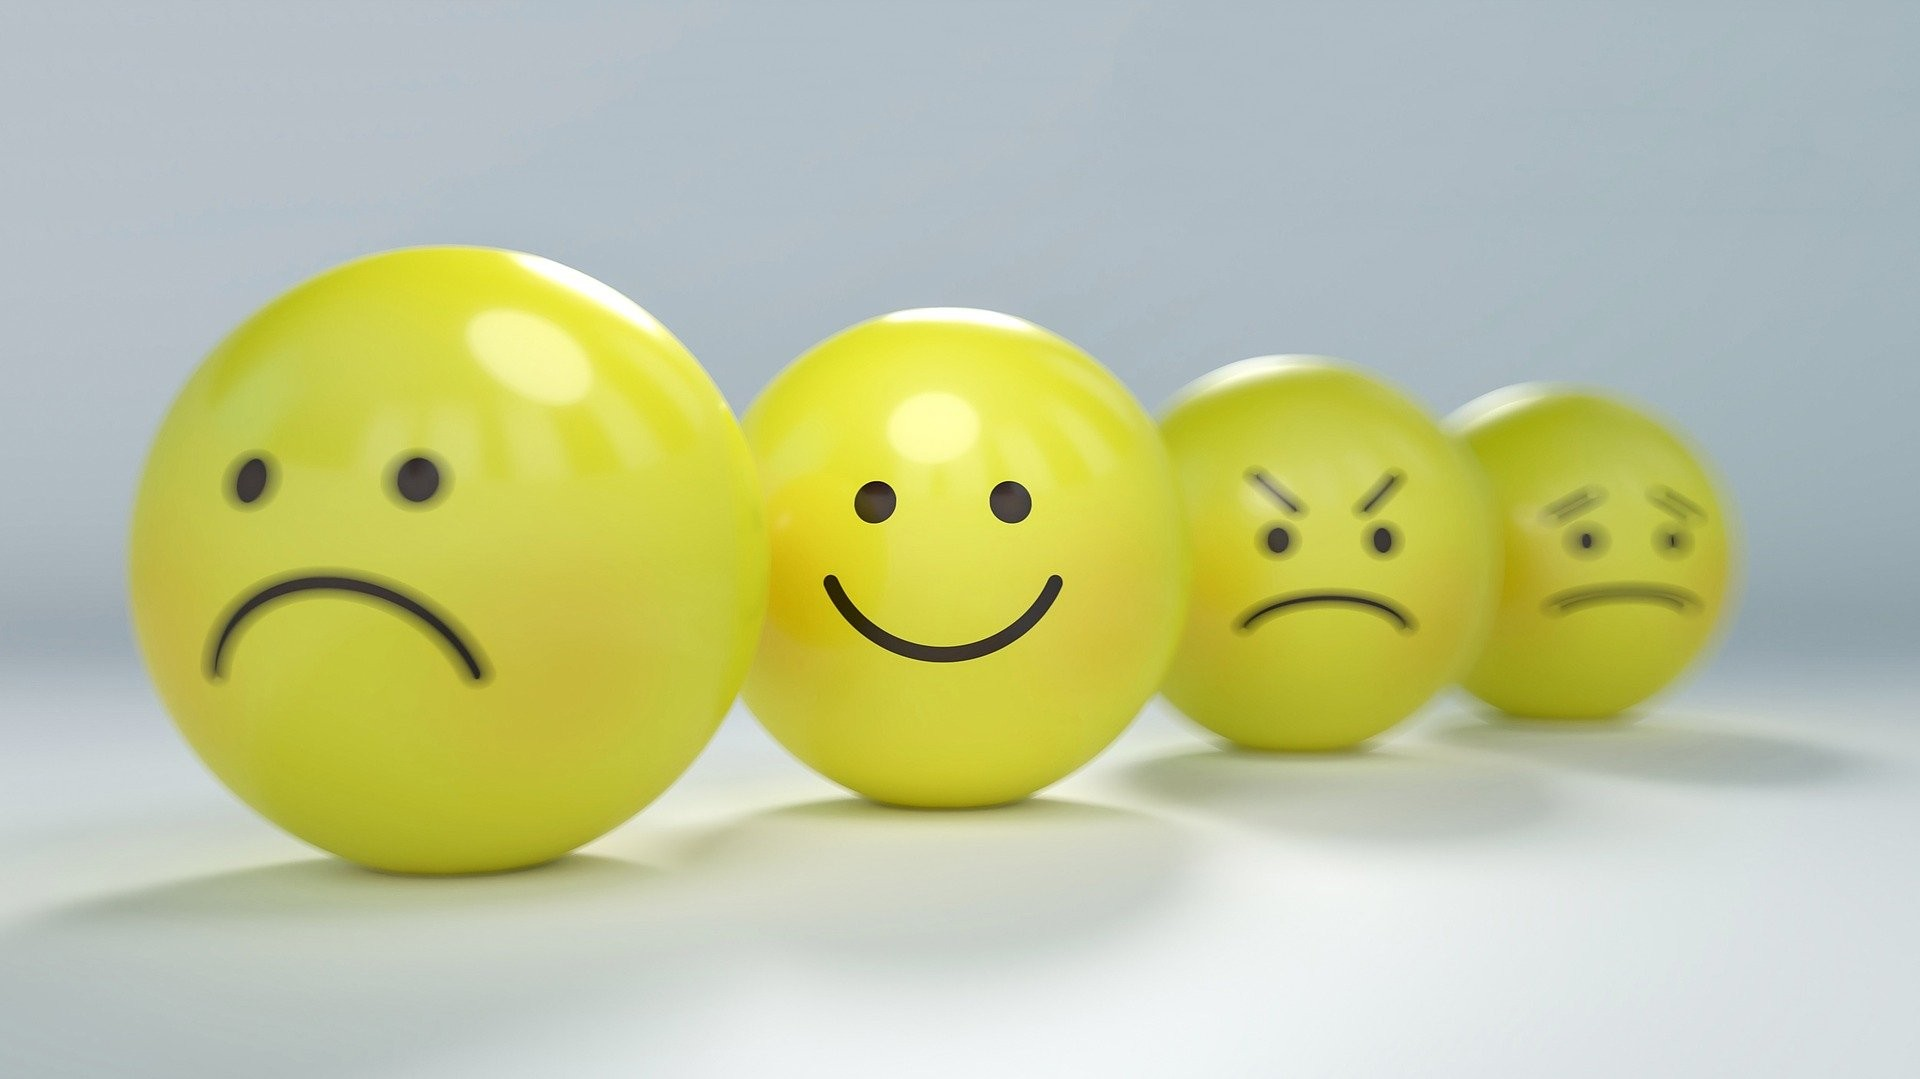 Veja 3 dicas de saúde para lidar com traumas